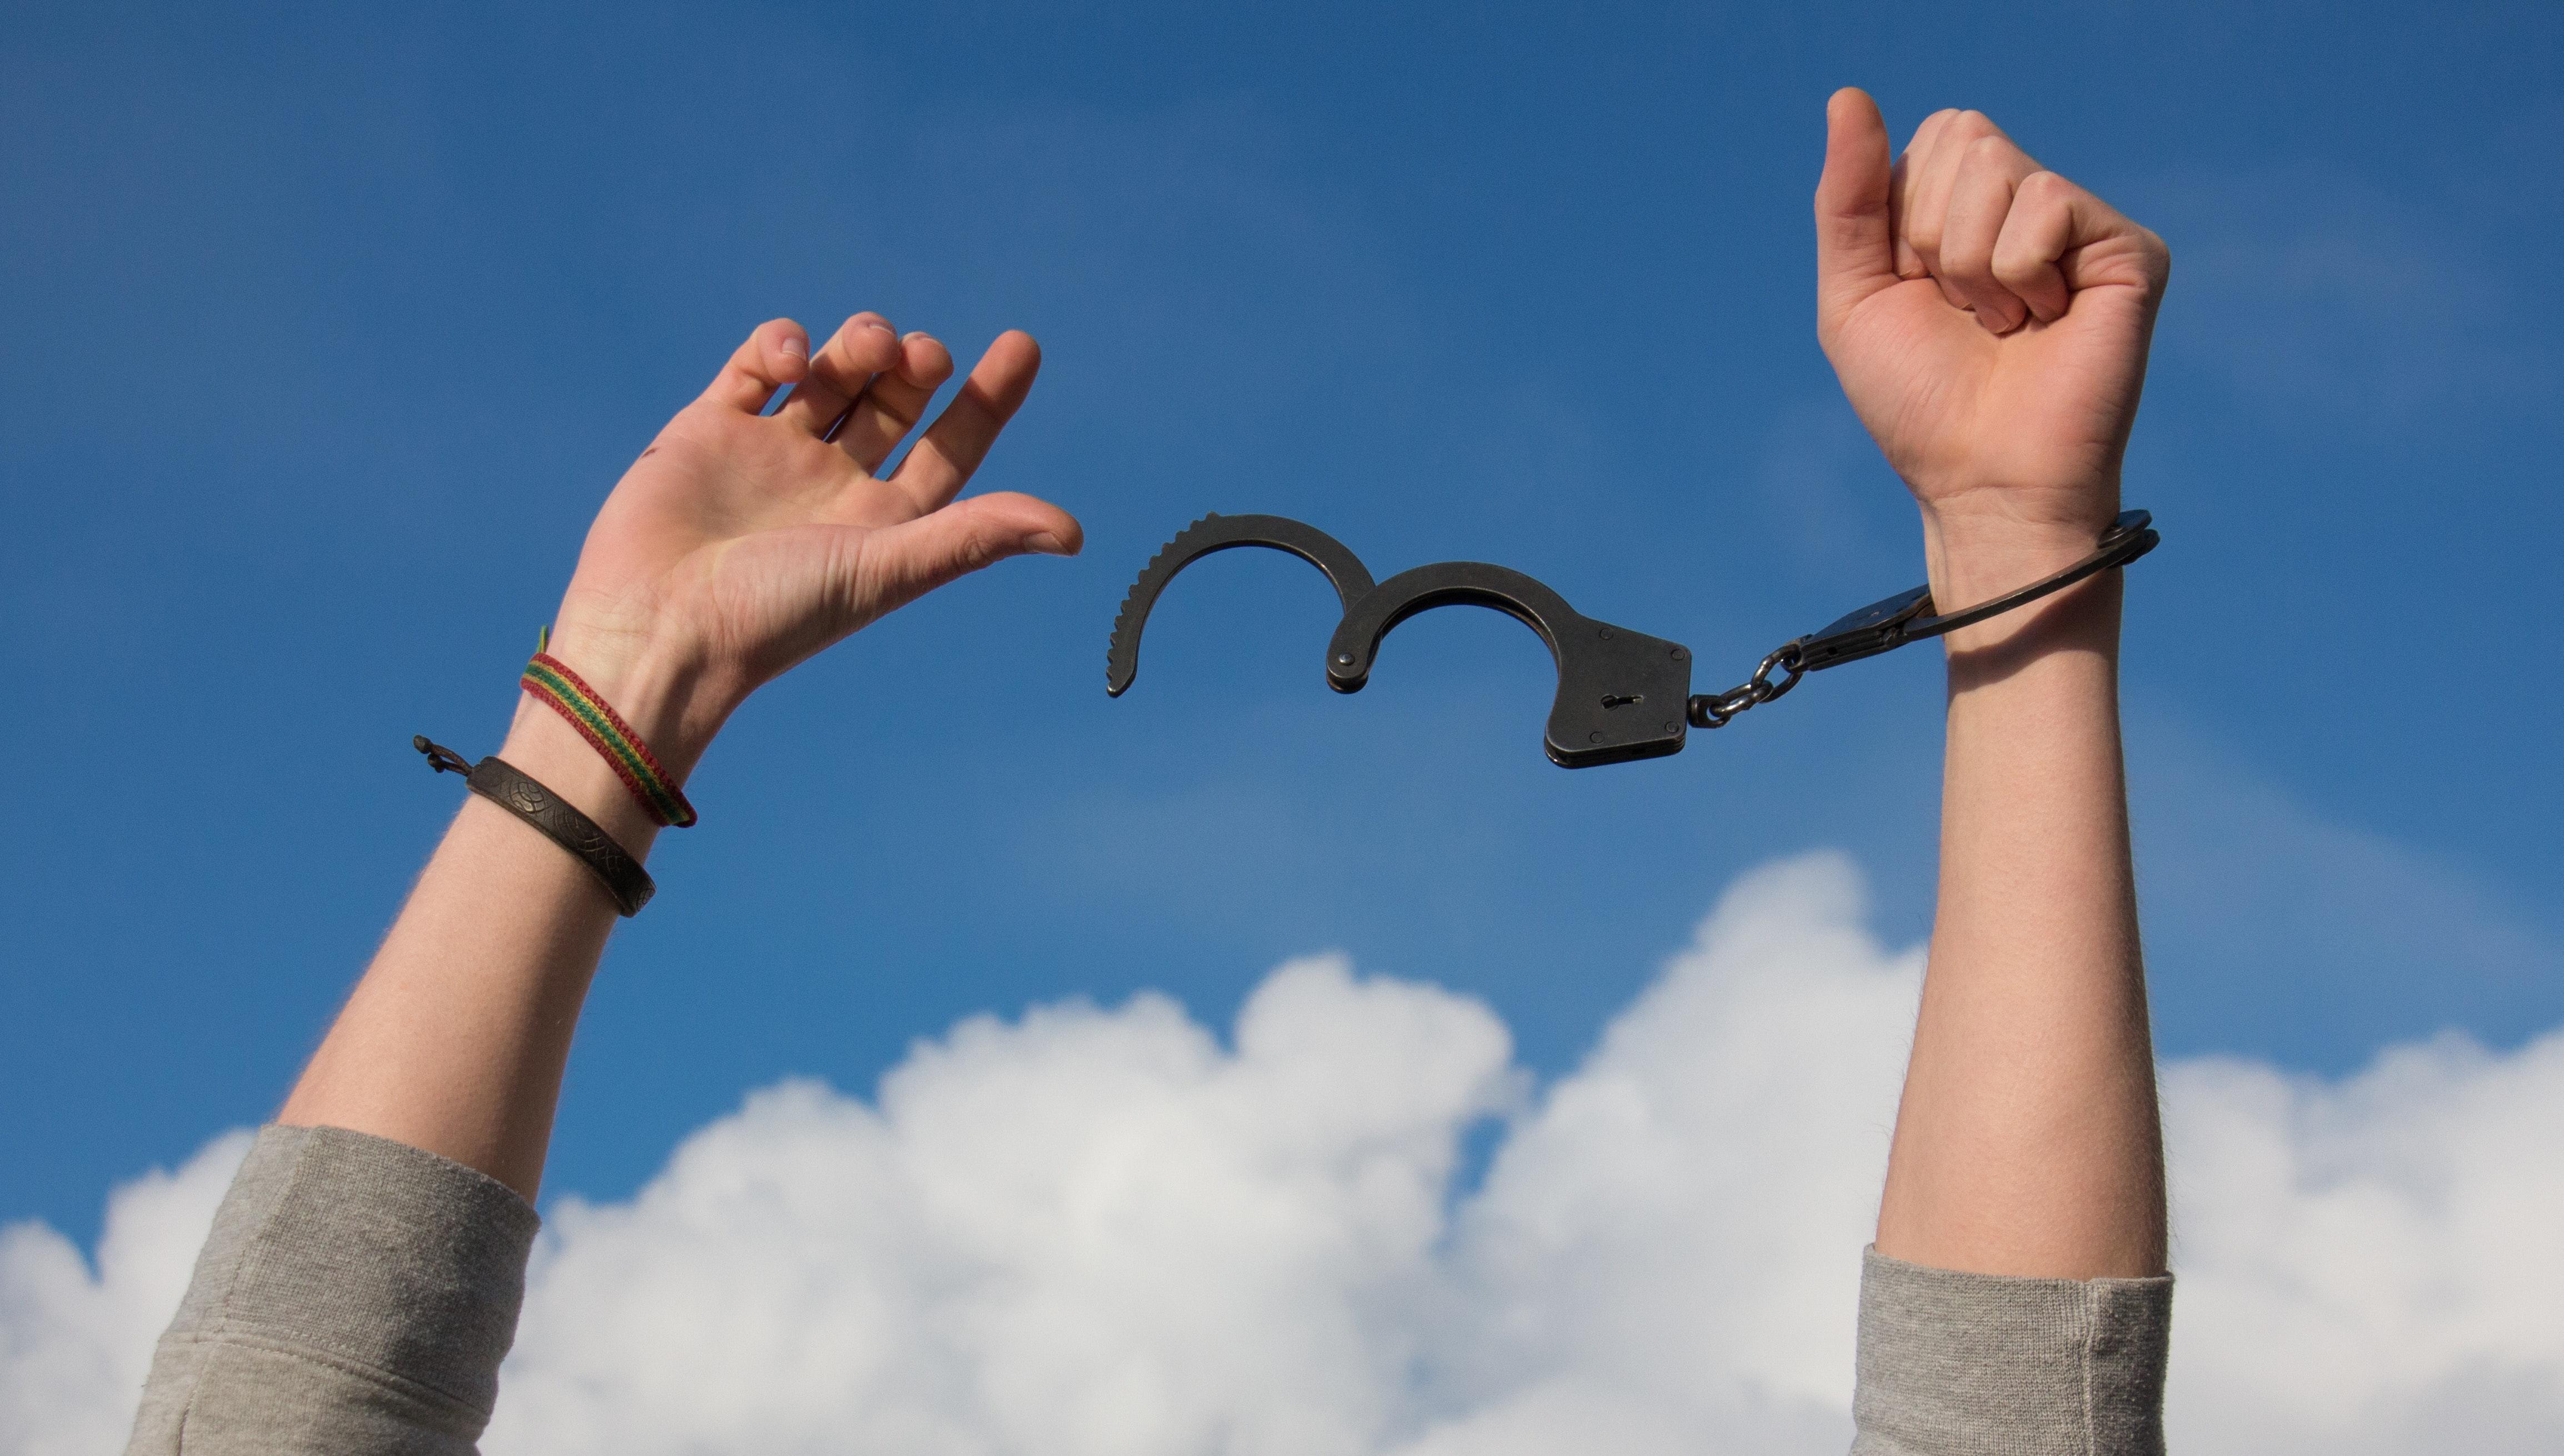 Break free from debt